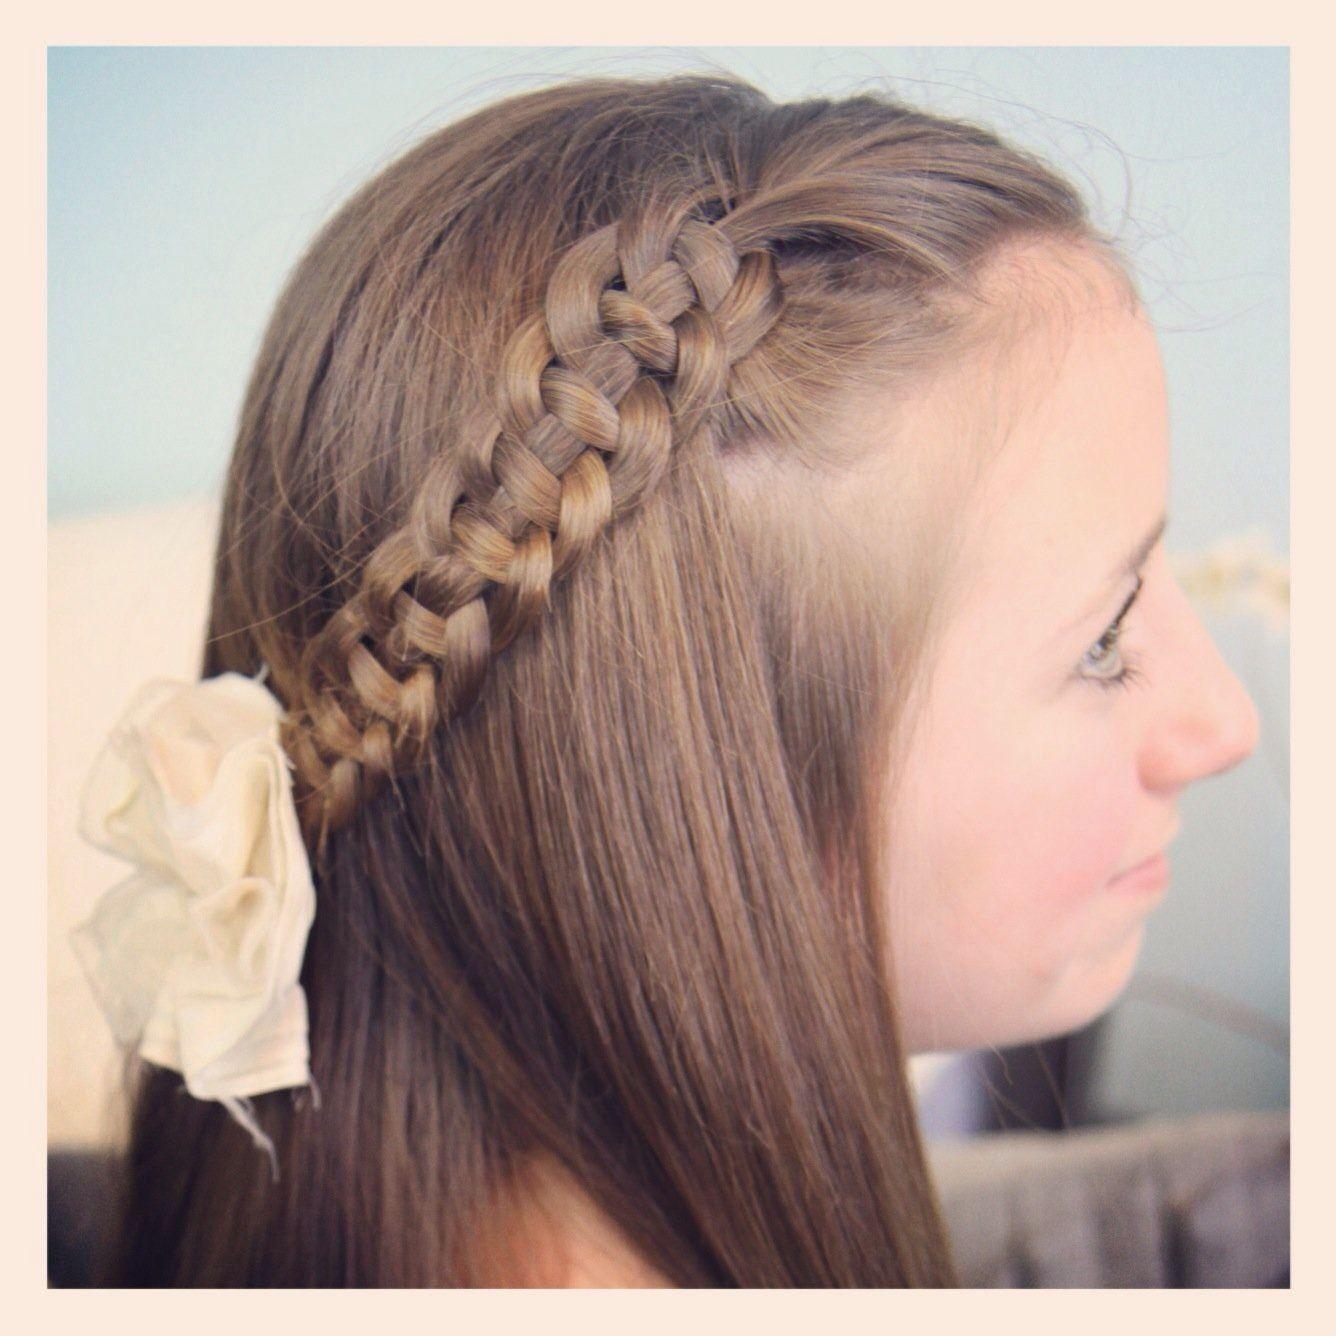 Her hair so cute hair pinterest braid hairstyles and hair style